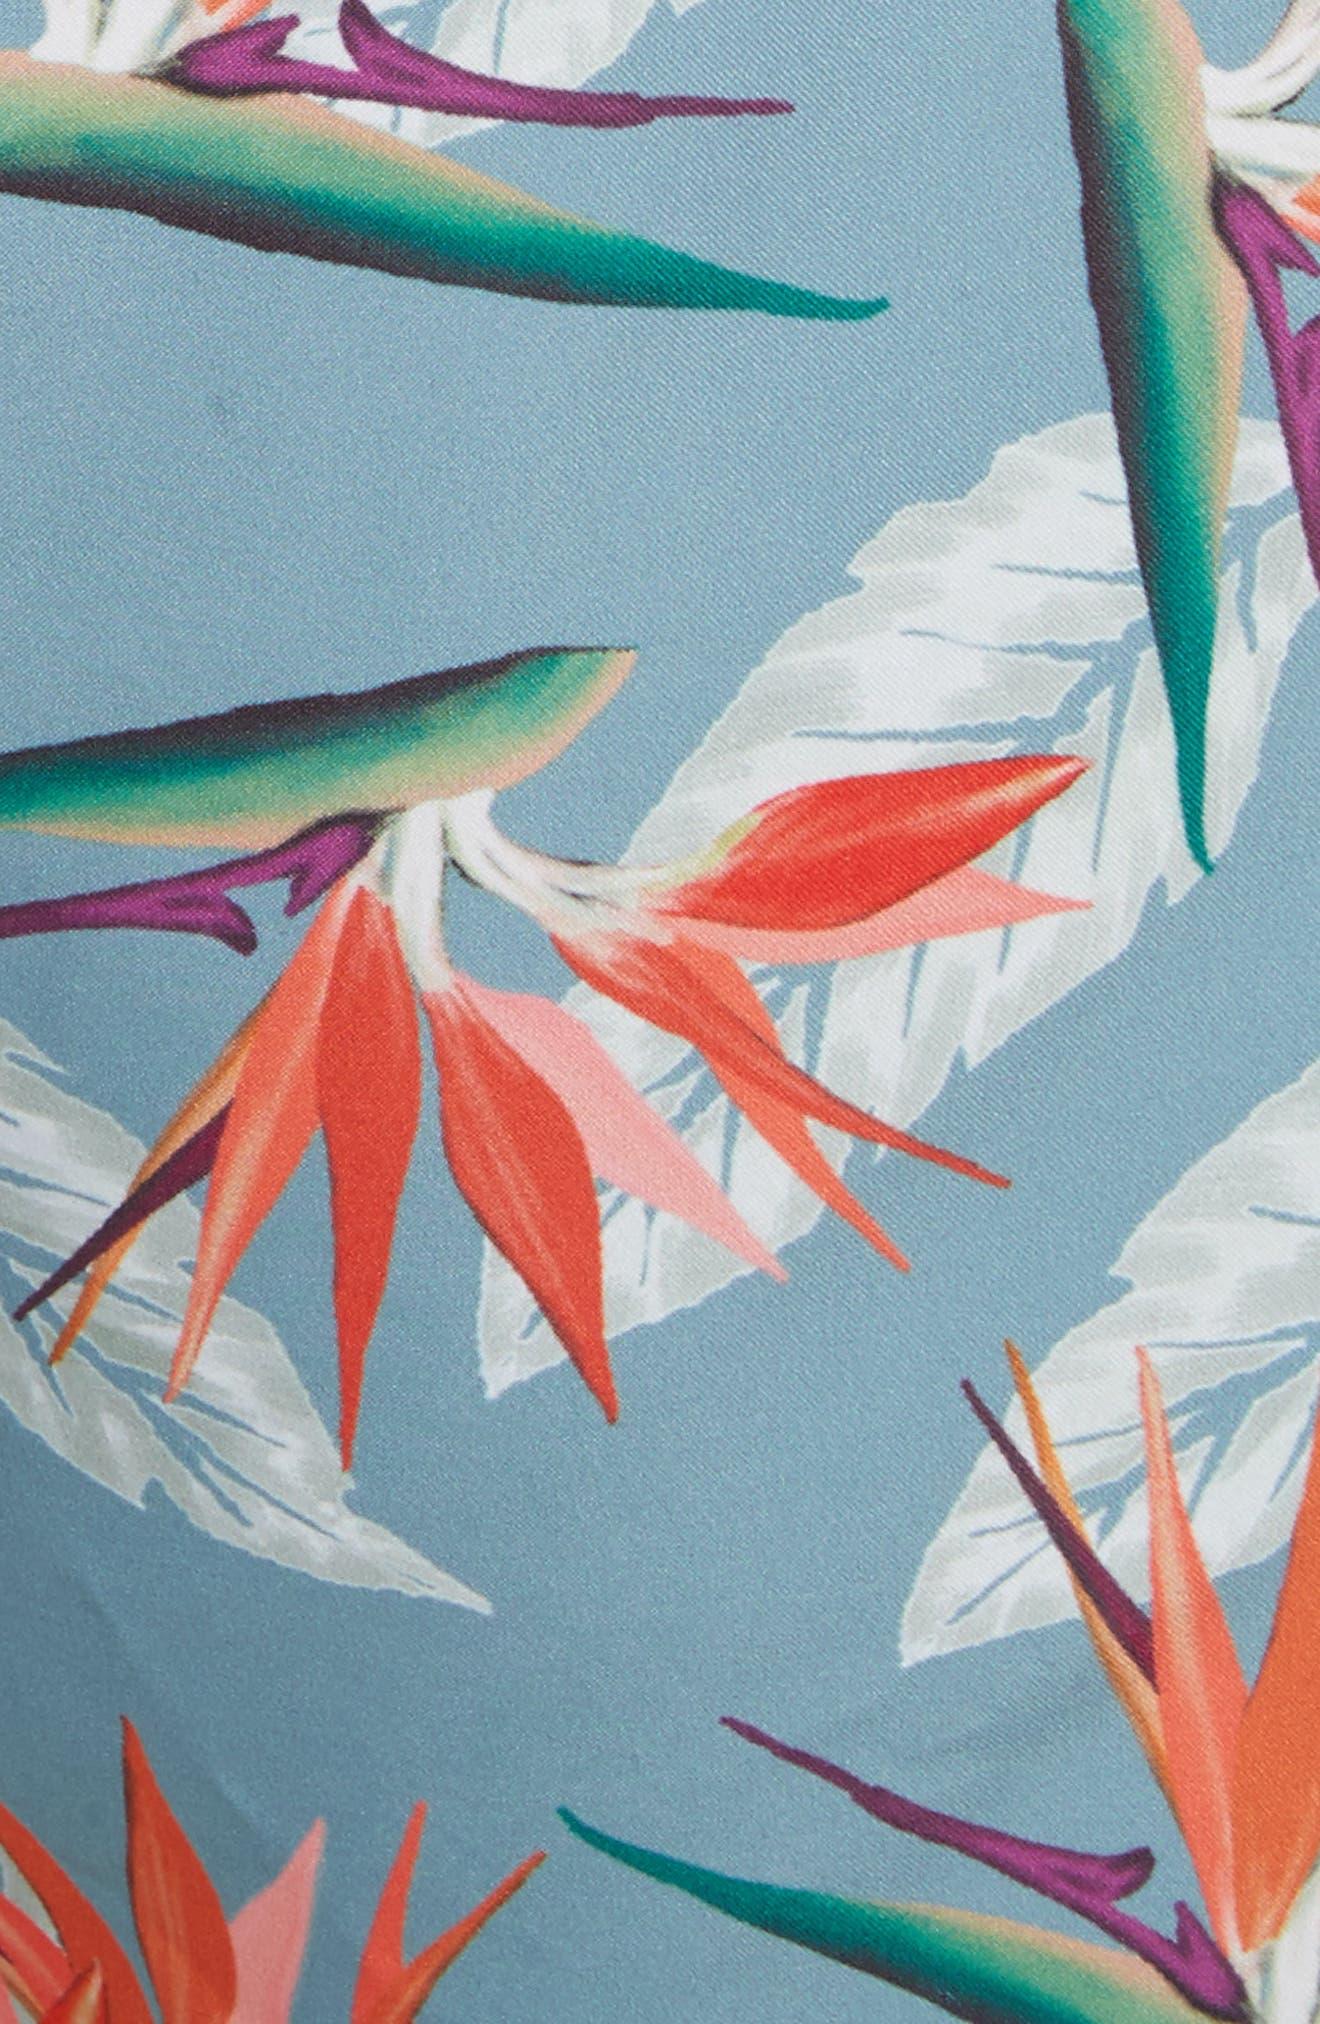 Timothy Paradise Swim Shorts,                             Alternate thumbnail 5, color,                             PARADISE PRINT